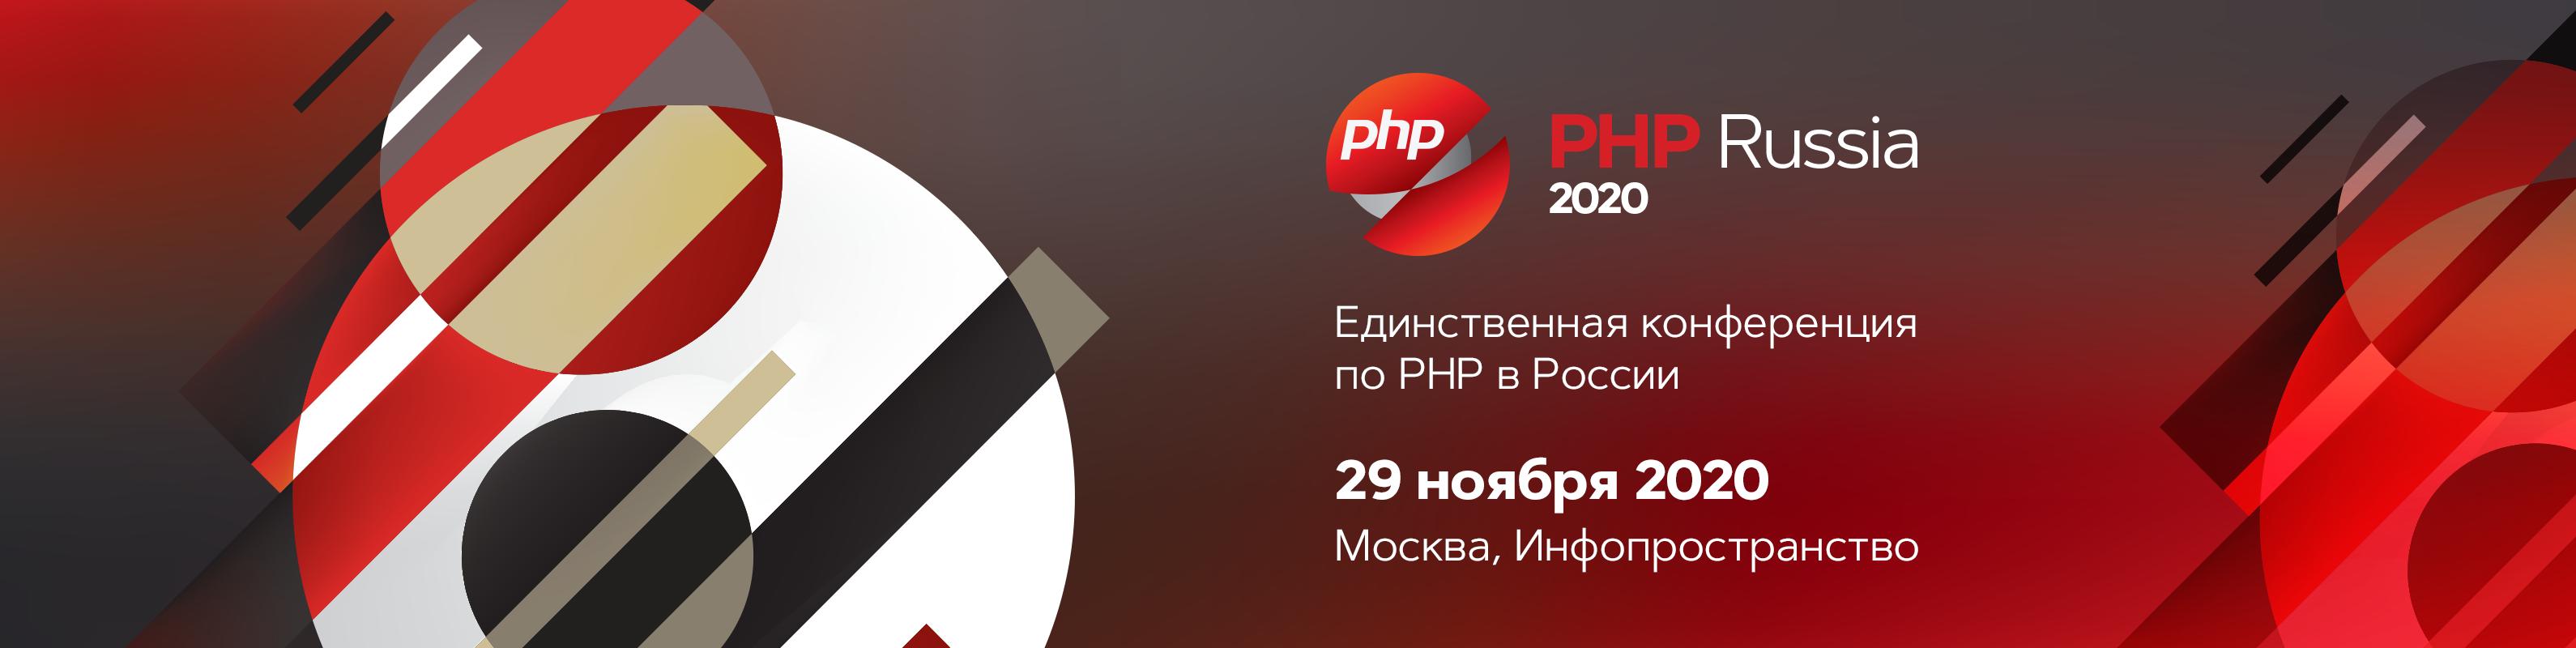 Улучшения покрытия PHP кода в 2020 году - 8